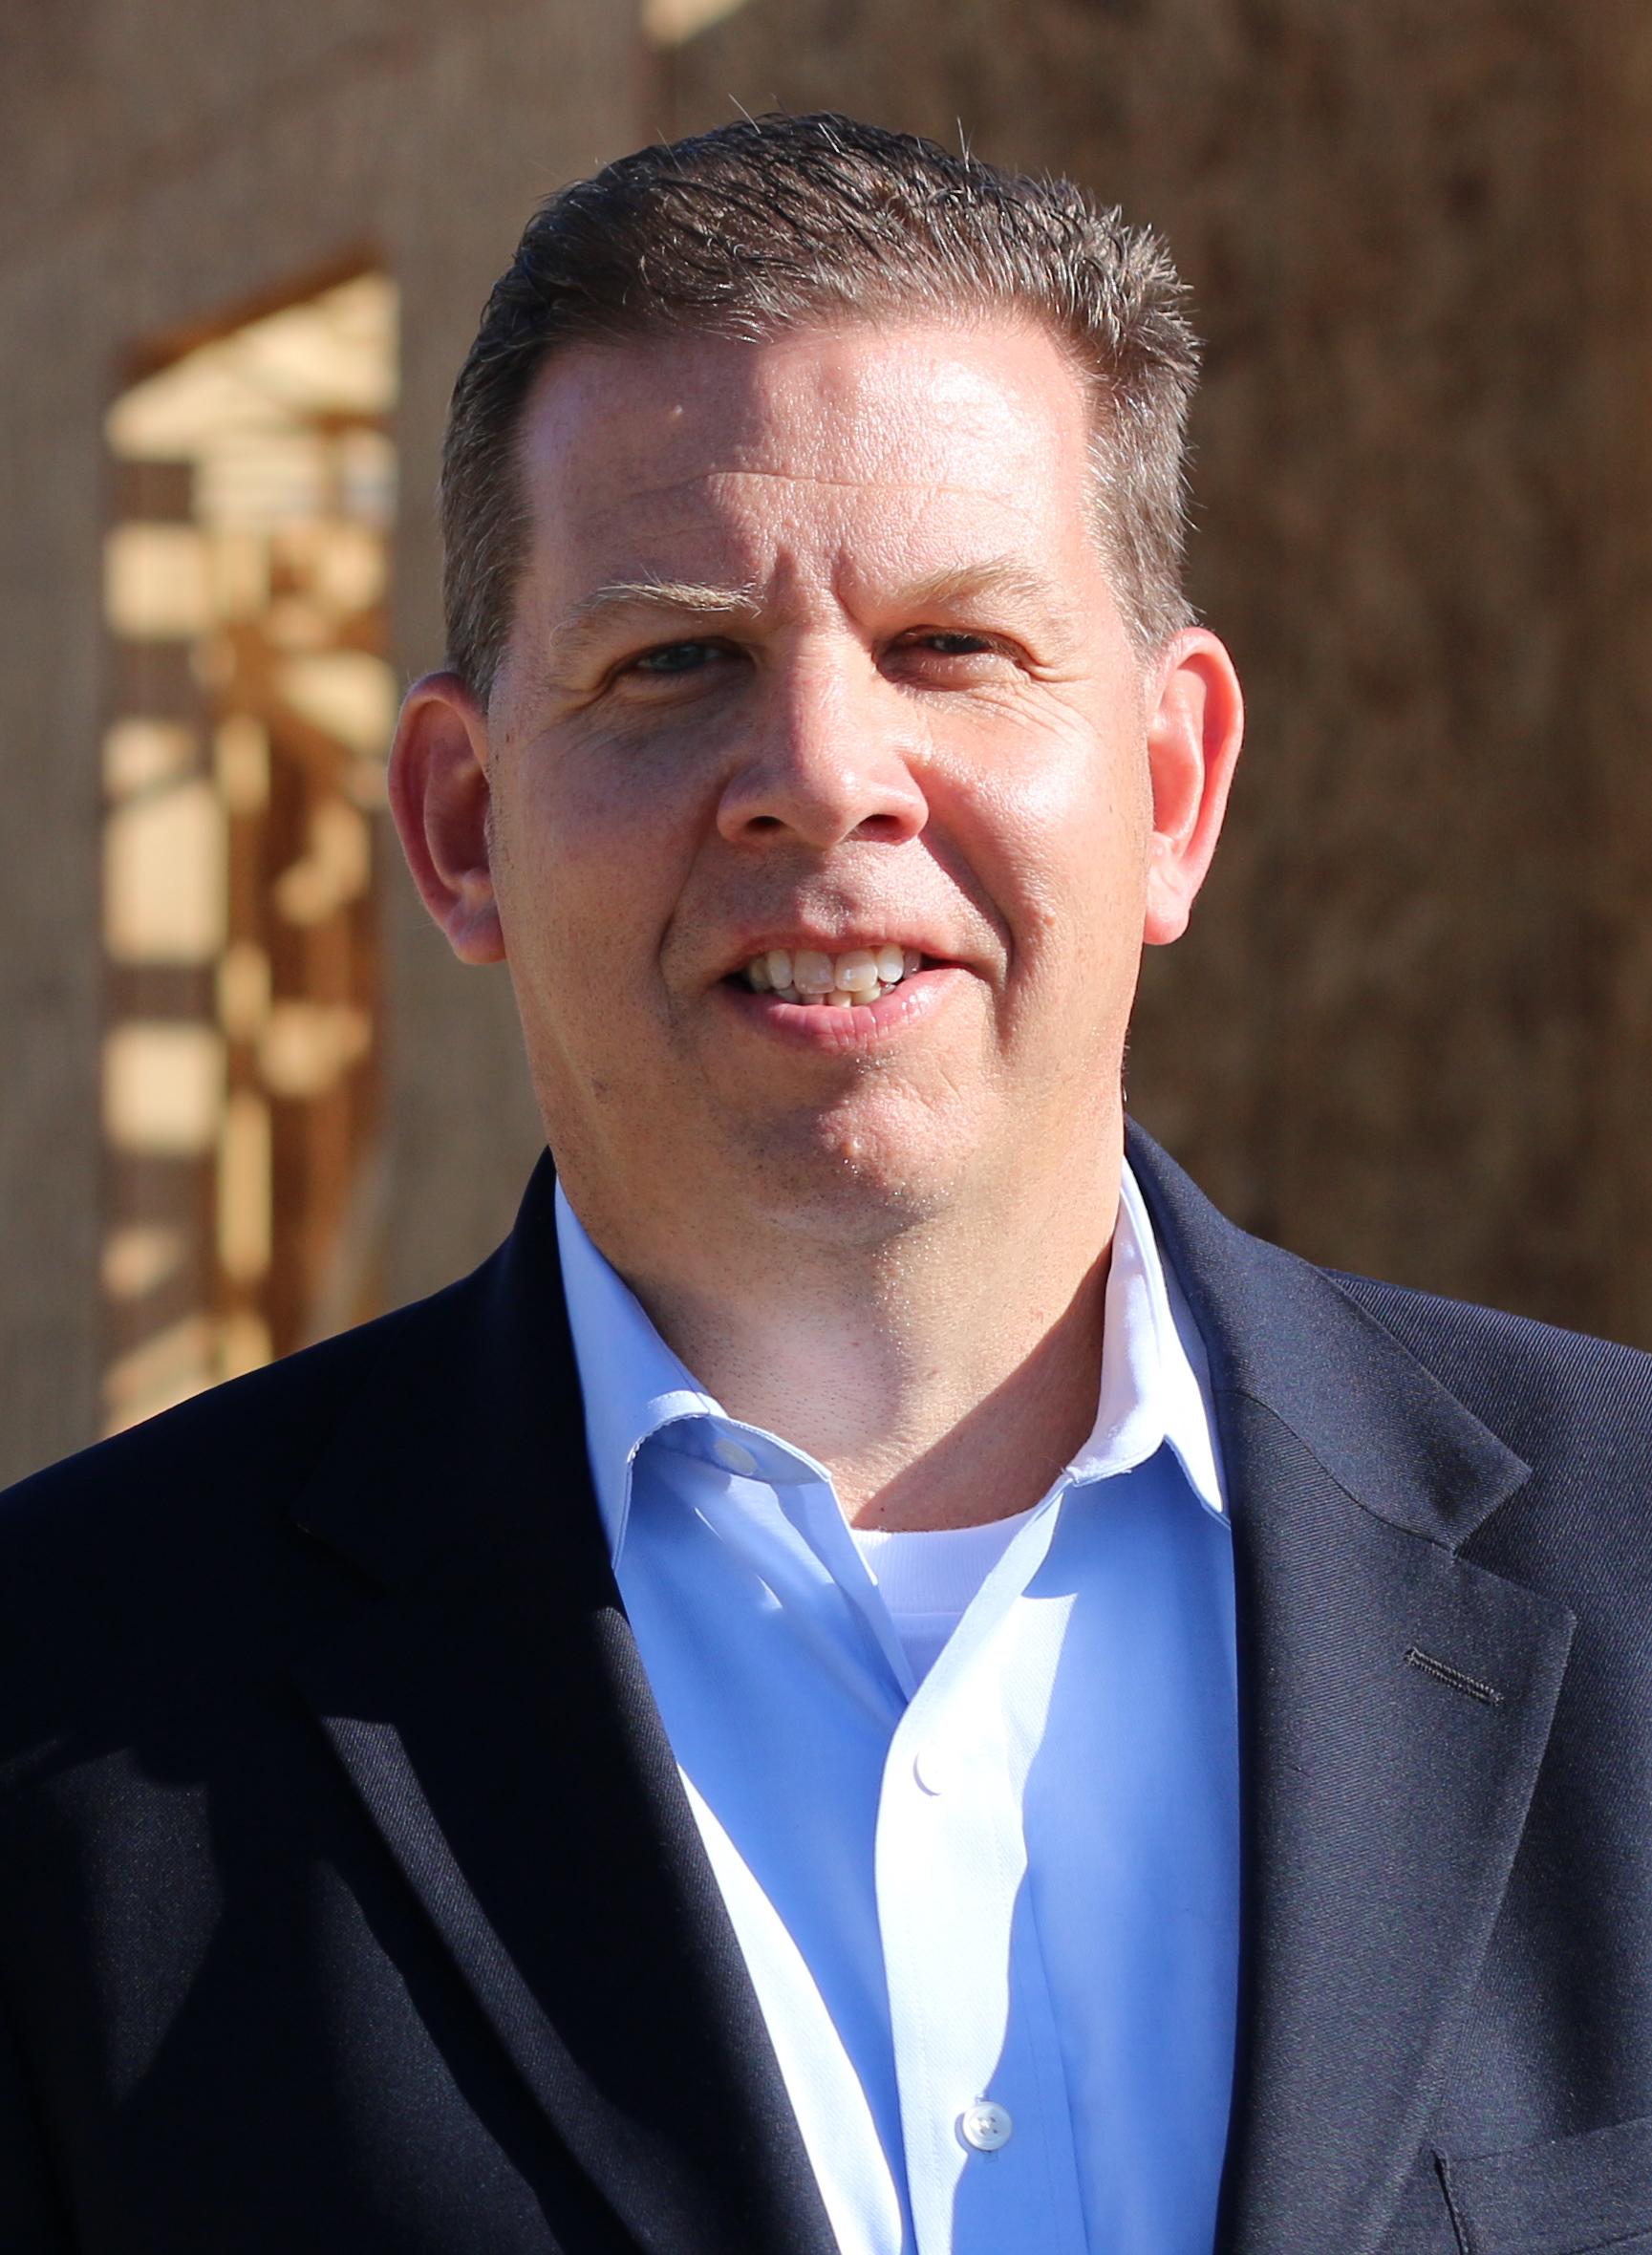 Jim Baugh, Homeport Senior Vice President